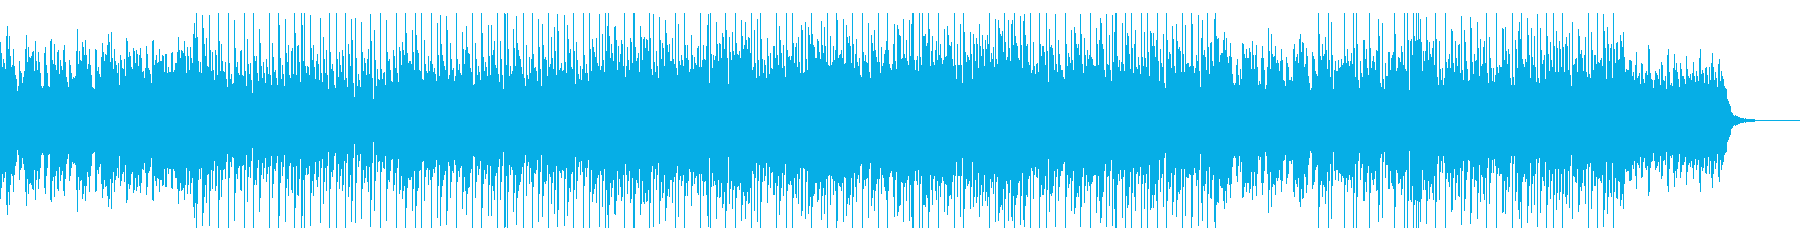 ウェディングの様なおめでたい感じのBGMの再生済みの波形